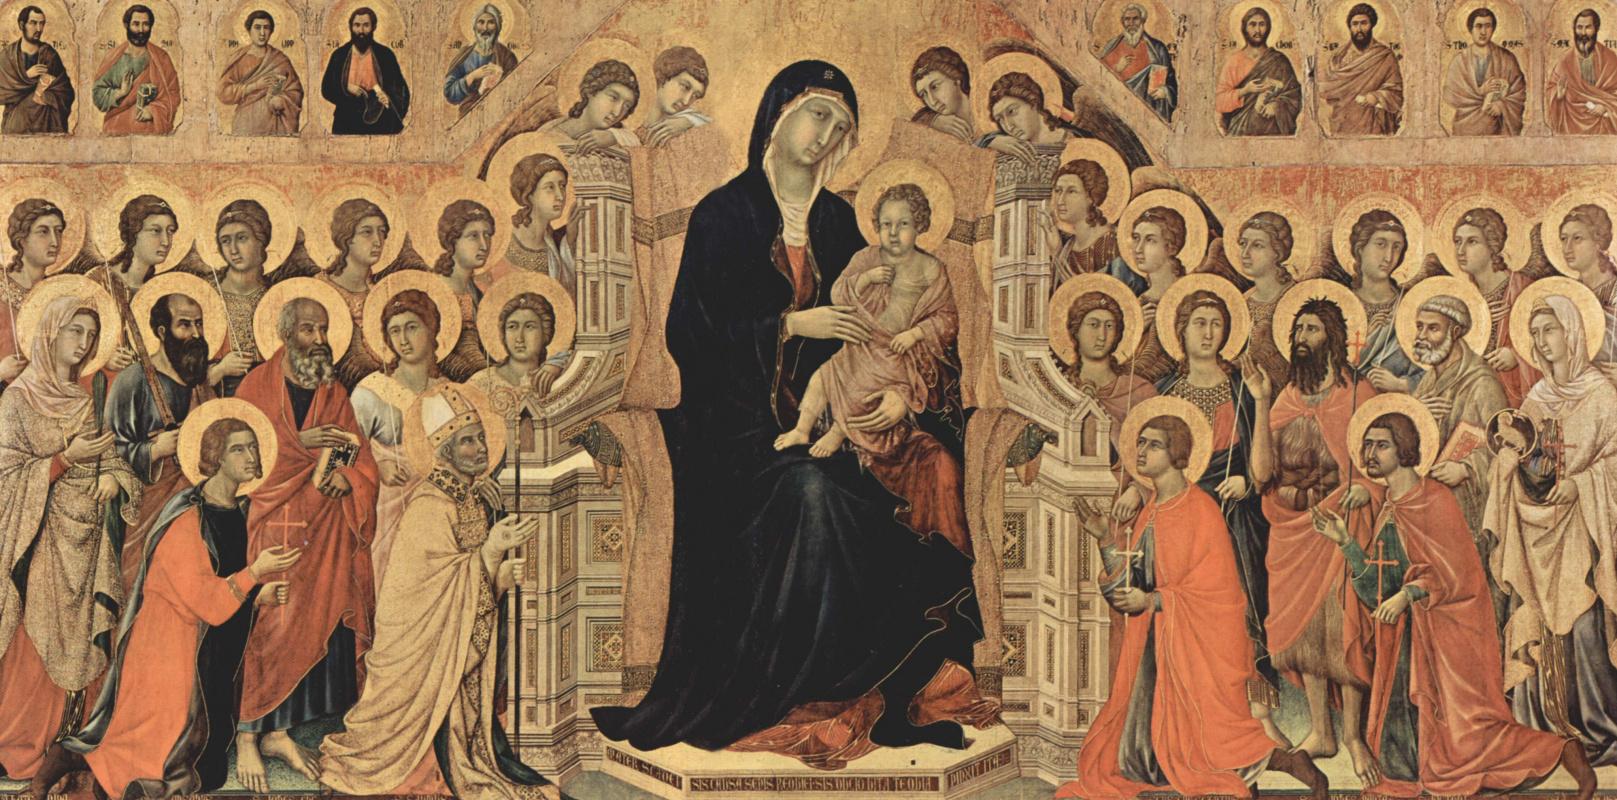 Duccio di Buoninsegna. Maesta, altar of Siena Cathedral